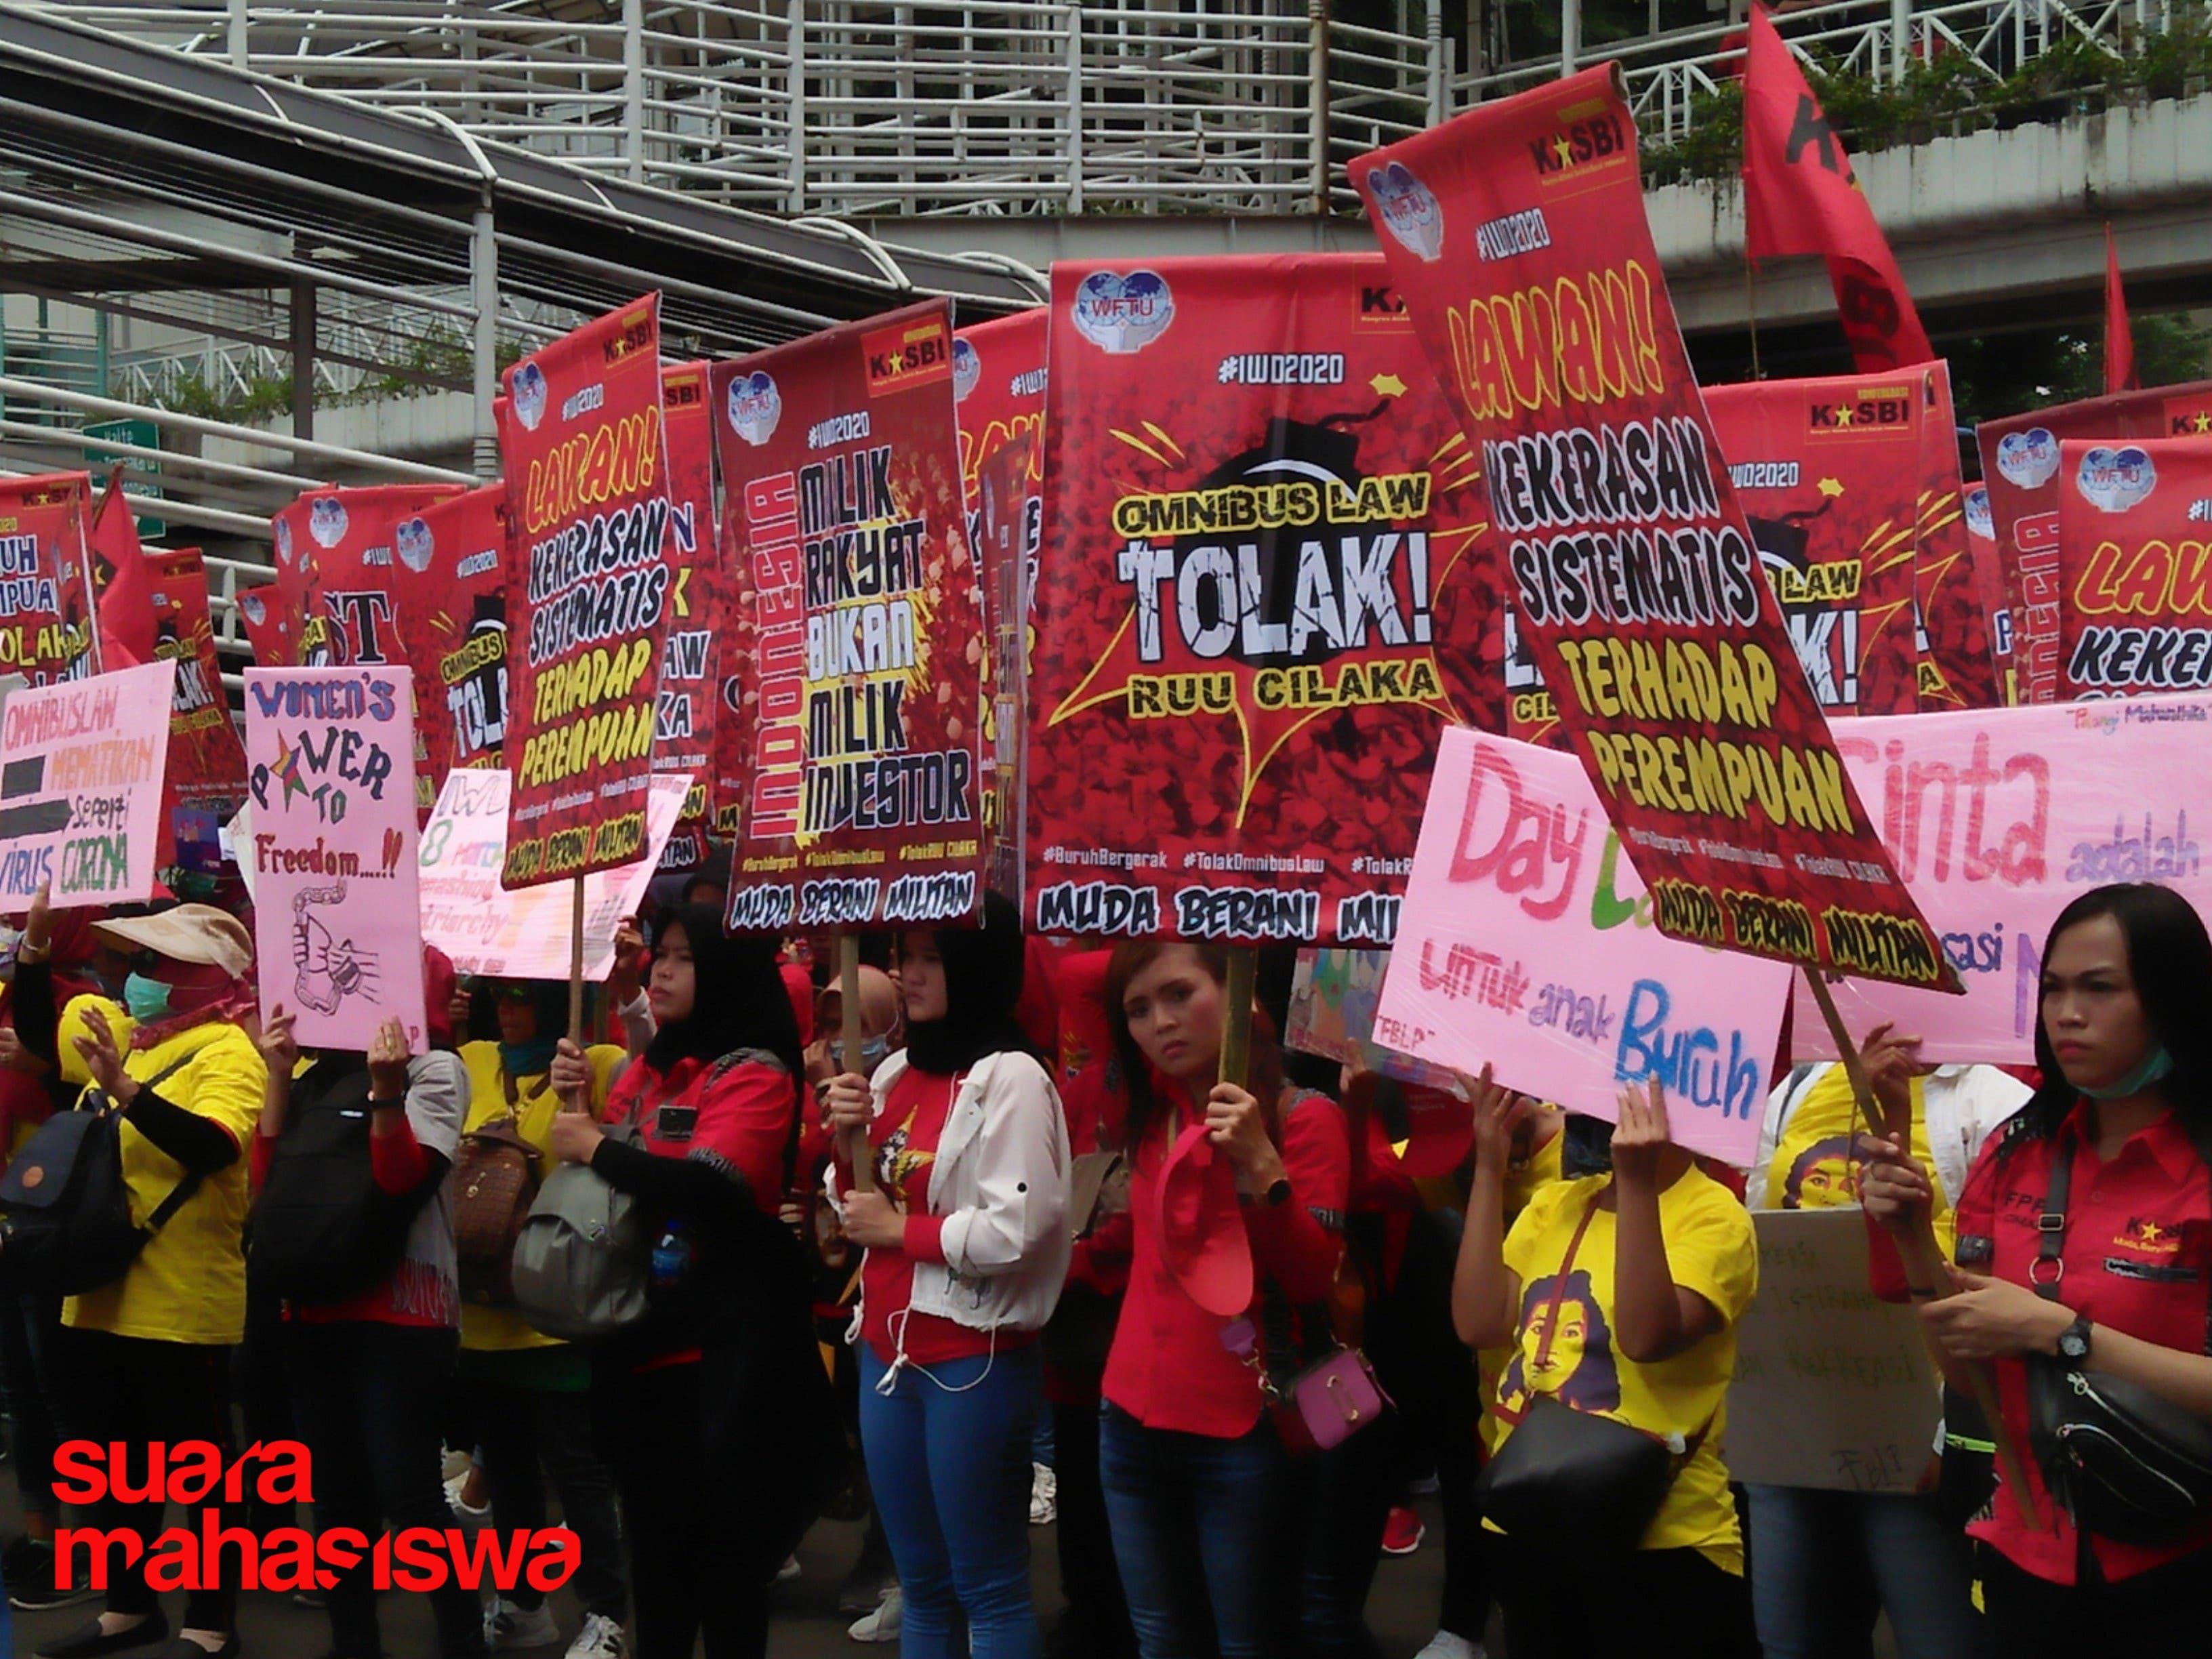 Opini: Feminisme: Kesetaraan dan Solidaritas untuk Kemanusiaan